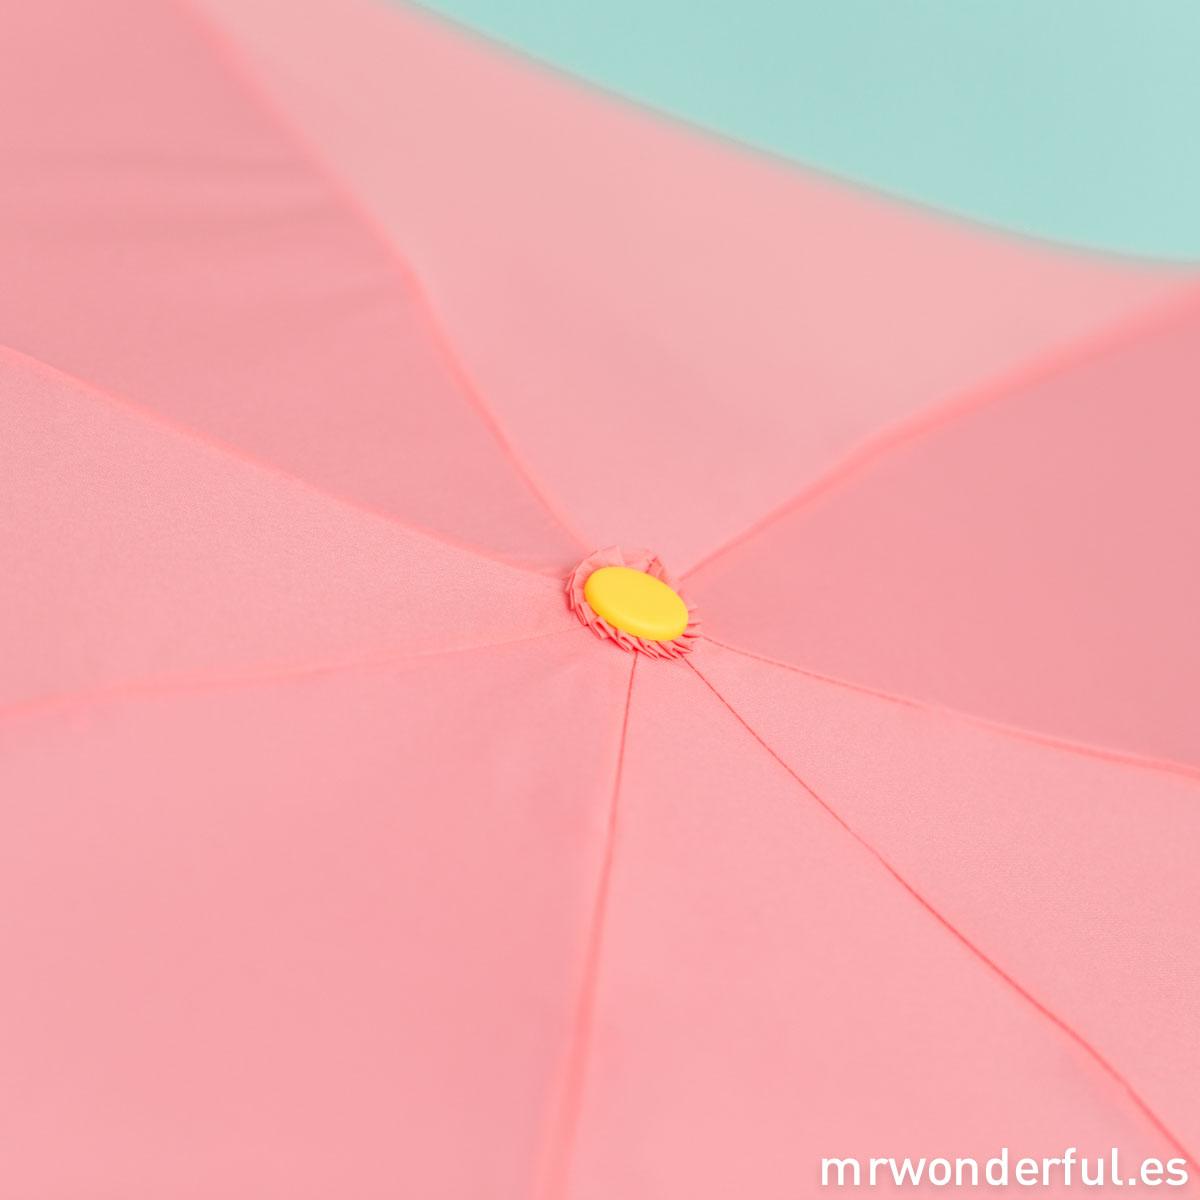 mrwonderful_8435460706896_paraguas_hoy-es-un-dia-para-tener-un-gran-dia-ES-5